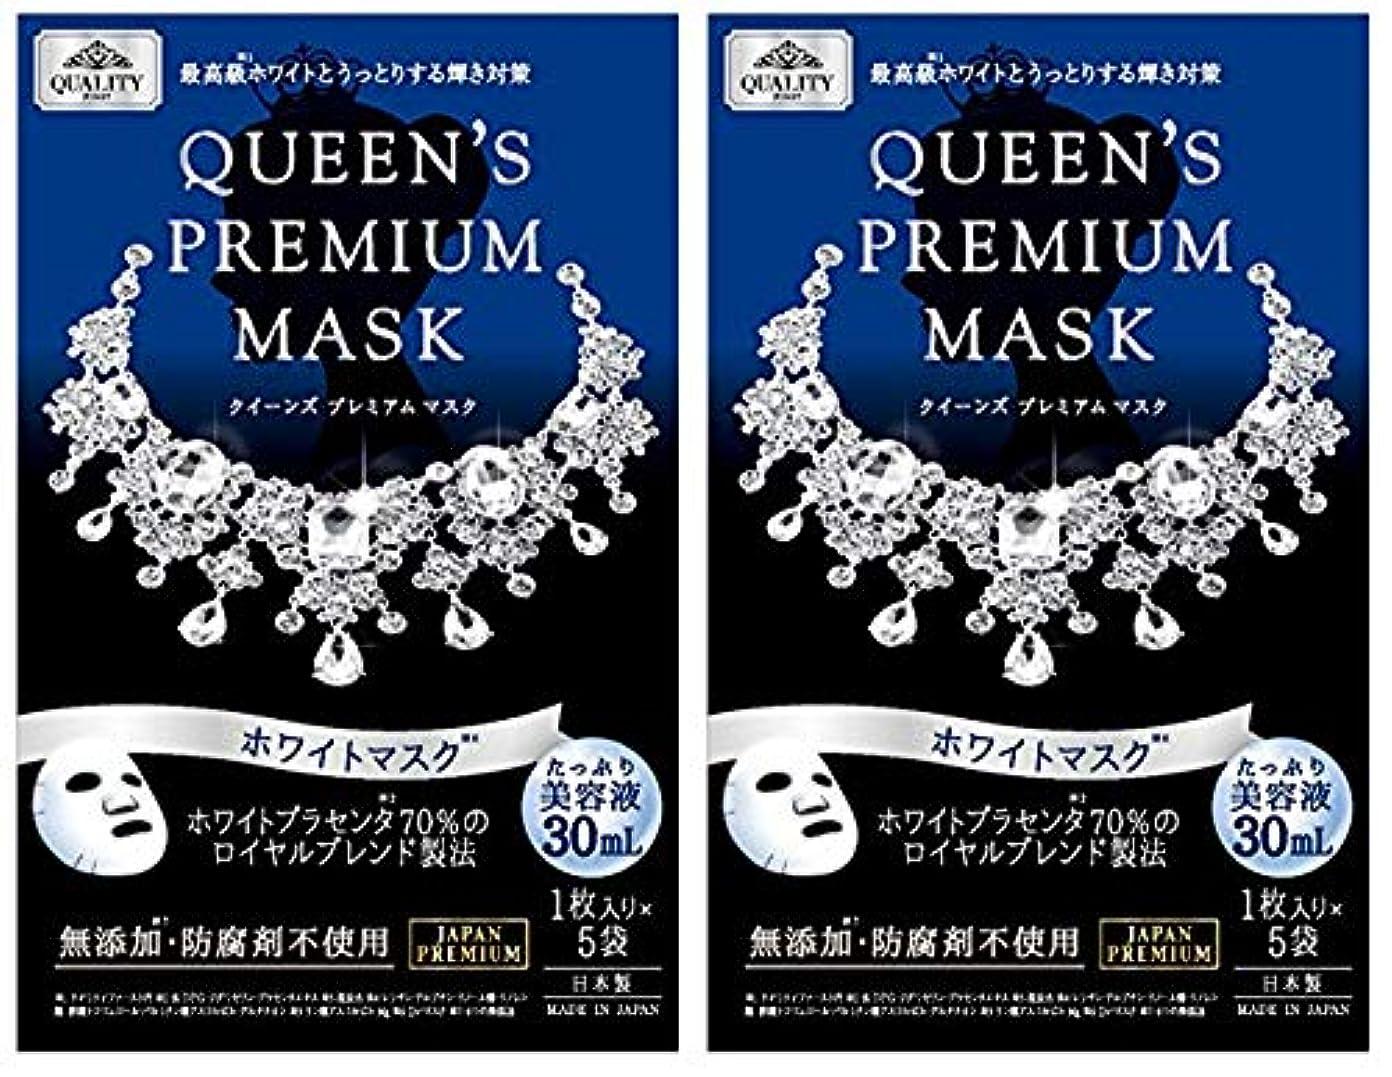 自動化健康的矛盾するクイーンズプレミアムマスク ホワイトマスク 5枚入 2箱セット